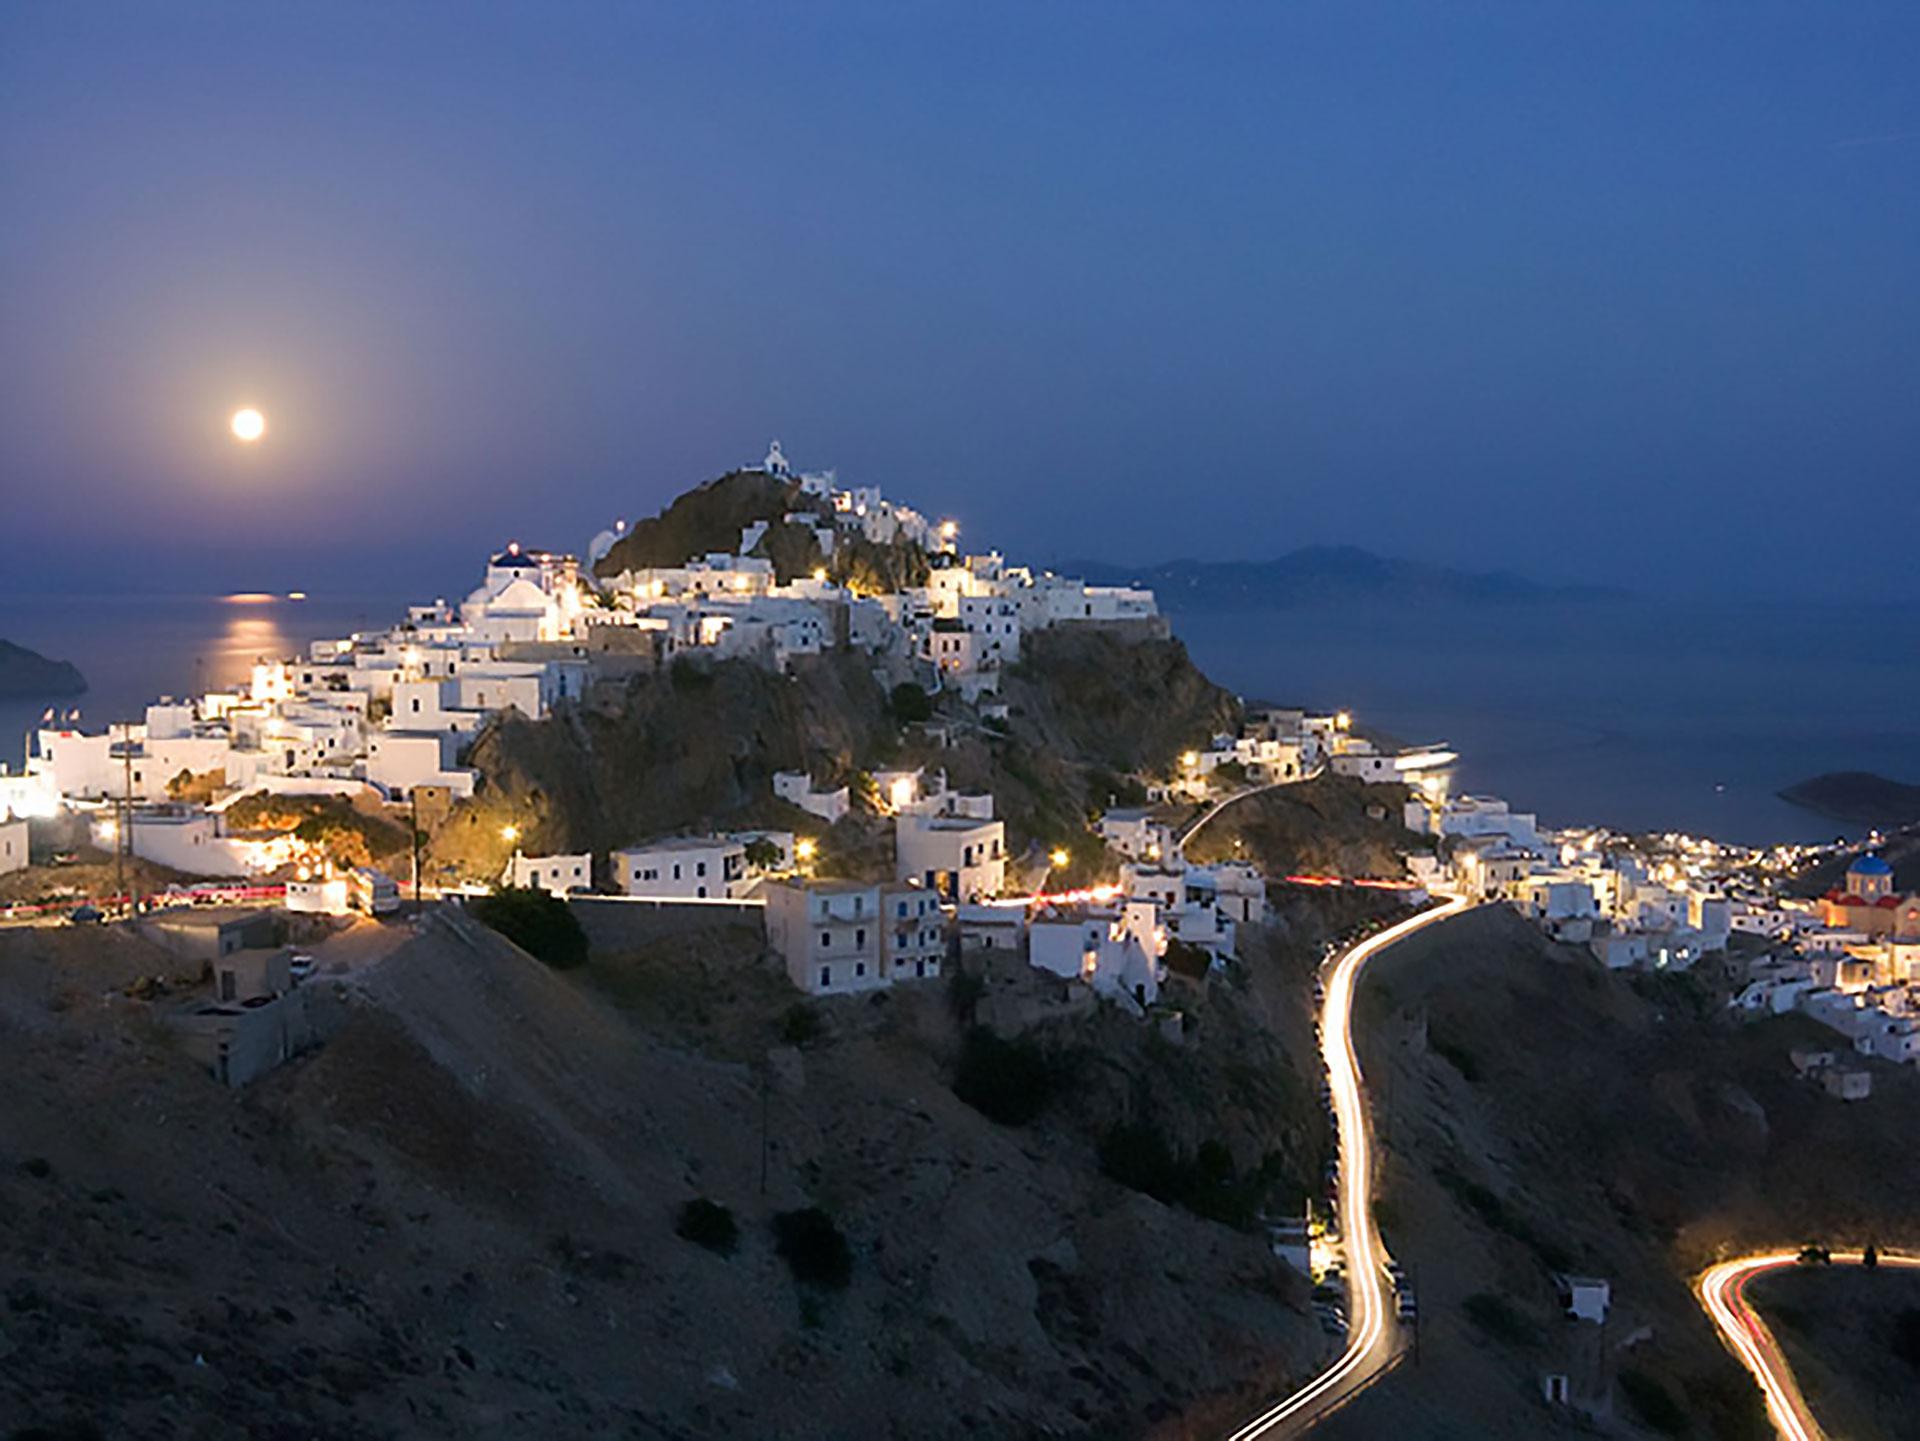 Le spiagge e i villaggi dell'isola greca di Serifos